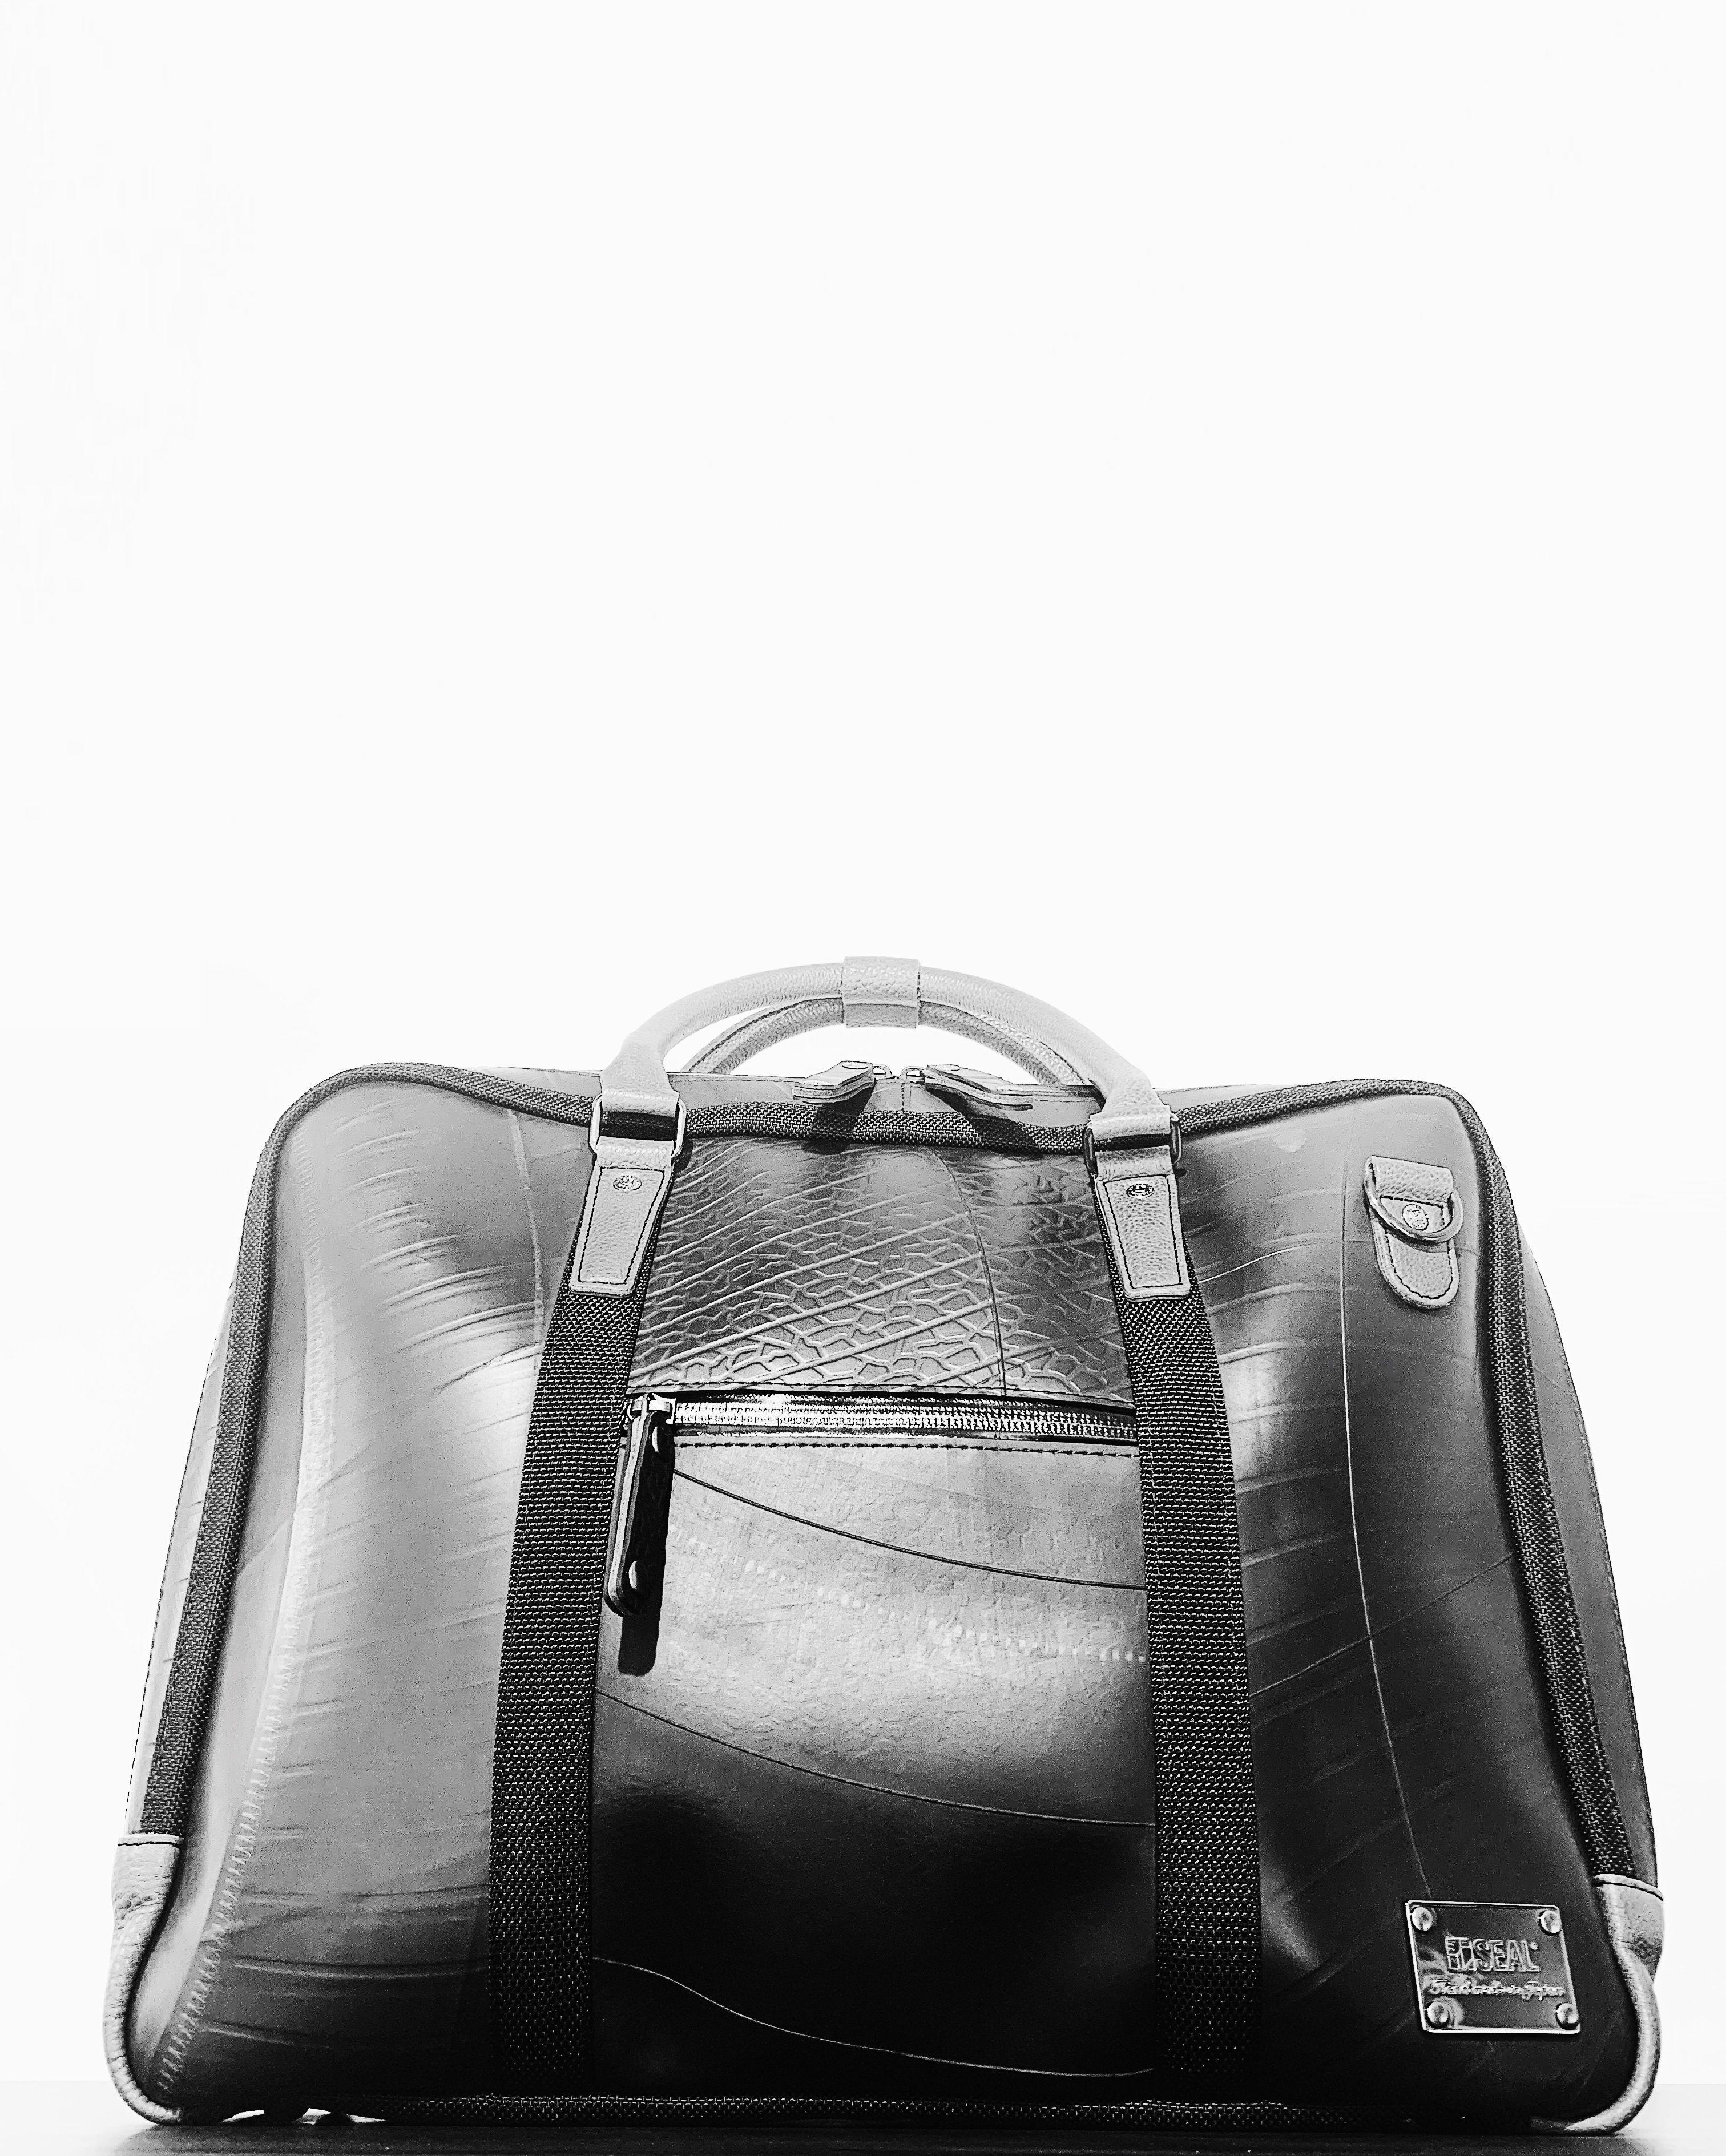 ブリーフケース waterproof | バッグ メンズ,新しいお客様との一期一會を心待ちにし,ポチ袋など特殊物やオリジナル加工品を短納期, カバン